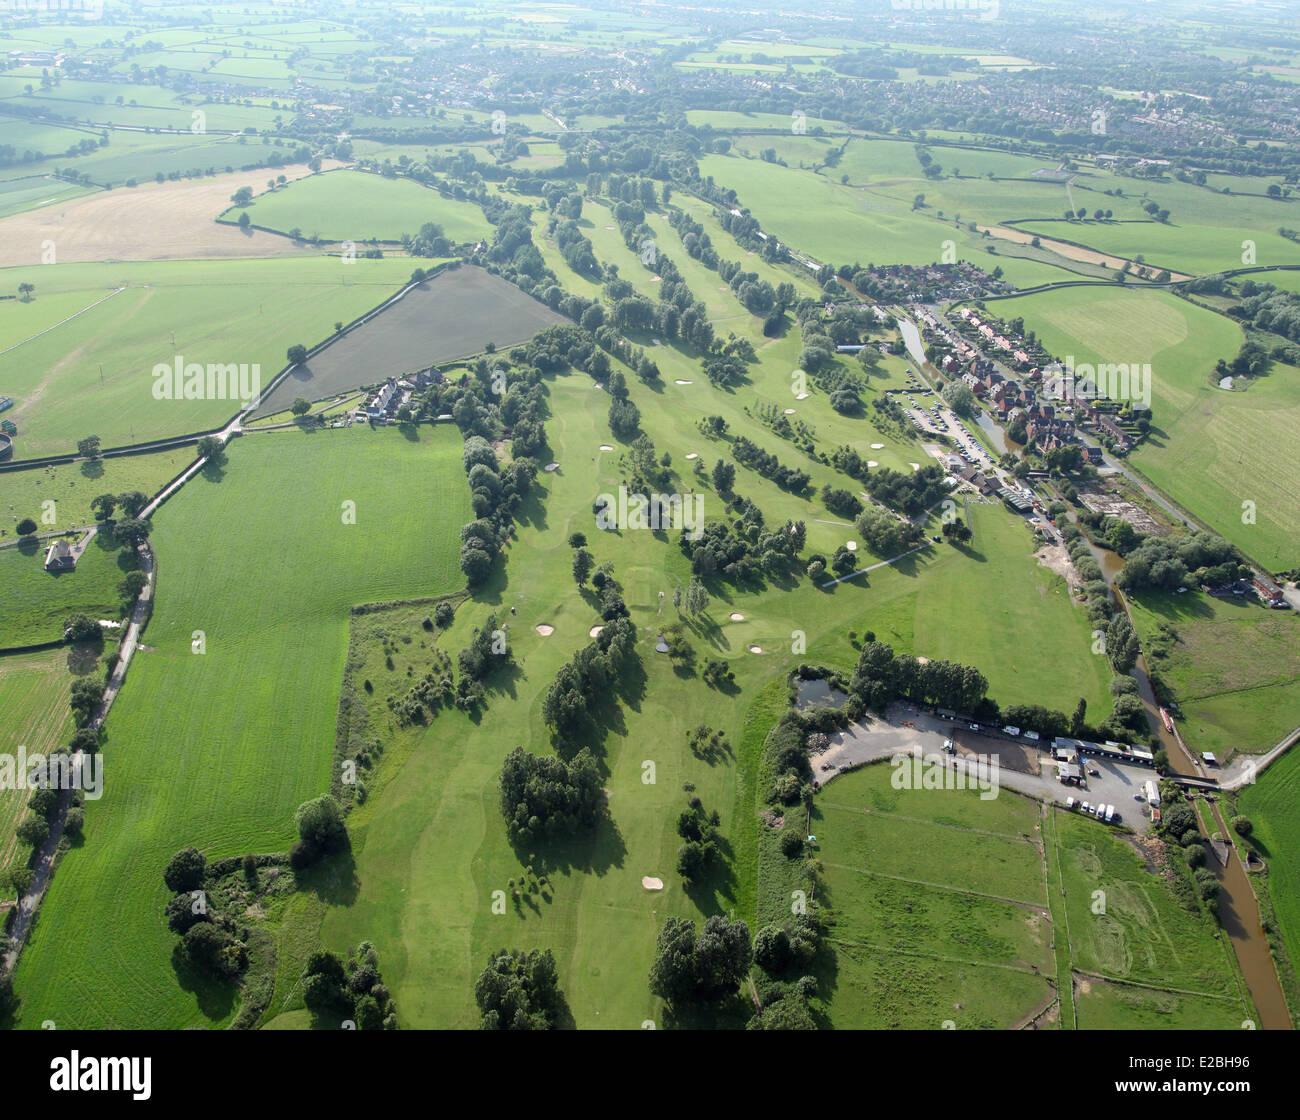 Vue aérienne de Malkins Golf Banque à Sandbach dans Cheshire, Royaume-Uni Photo Stock